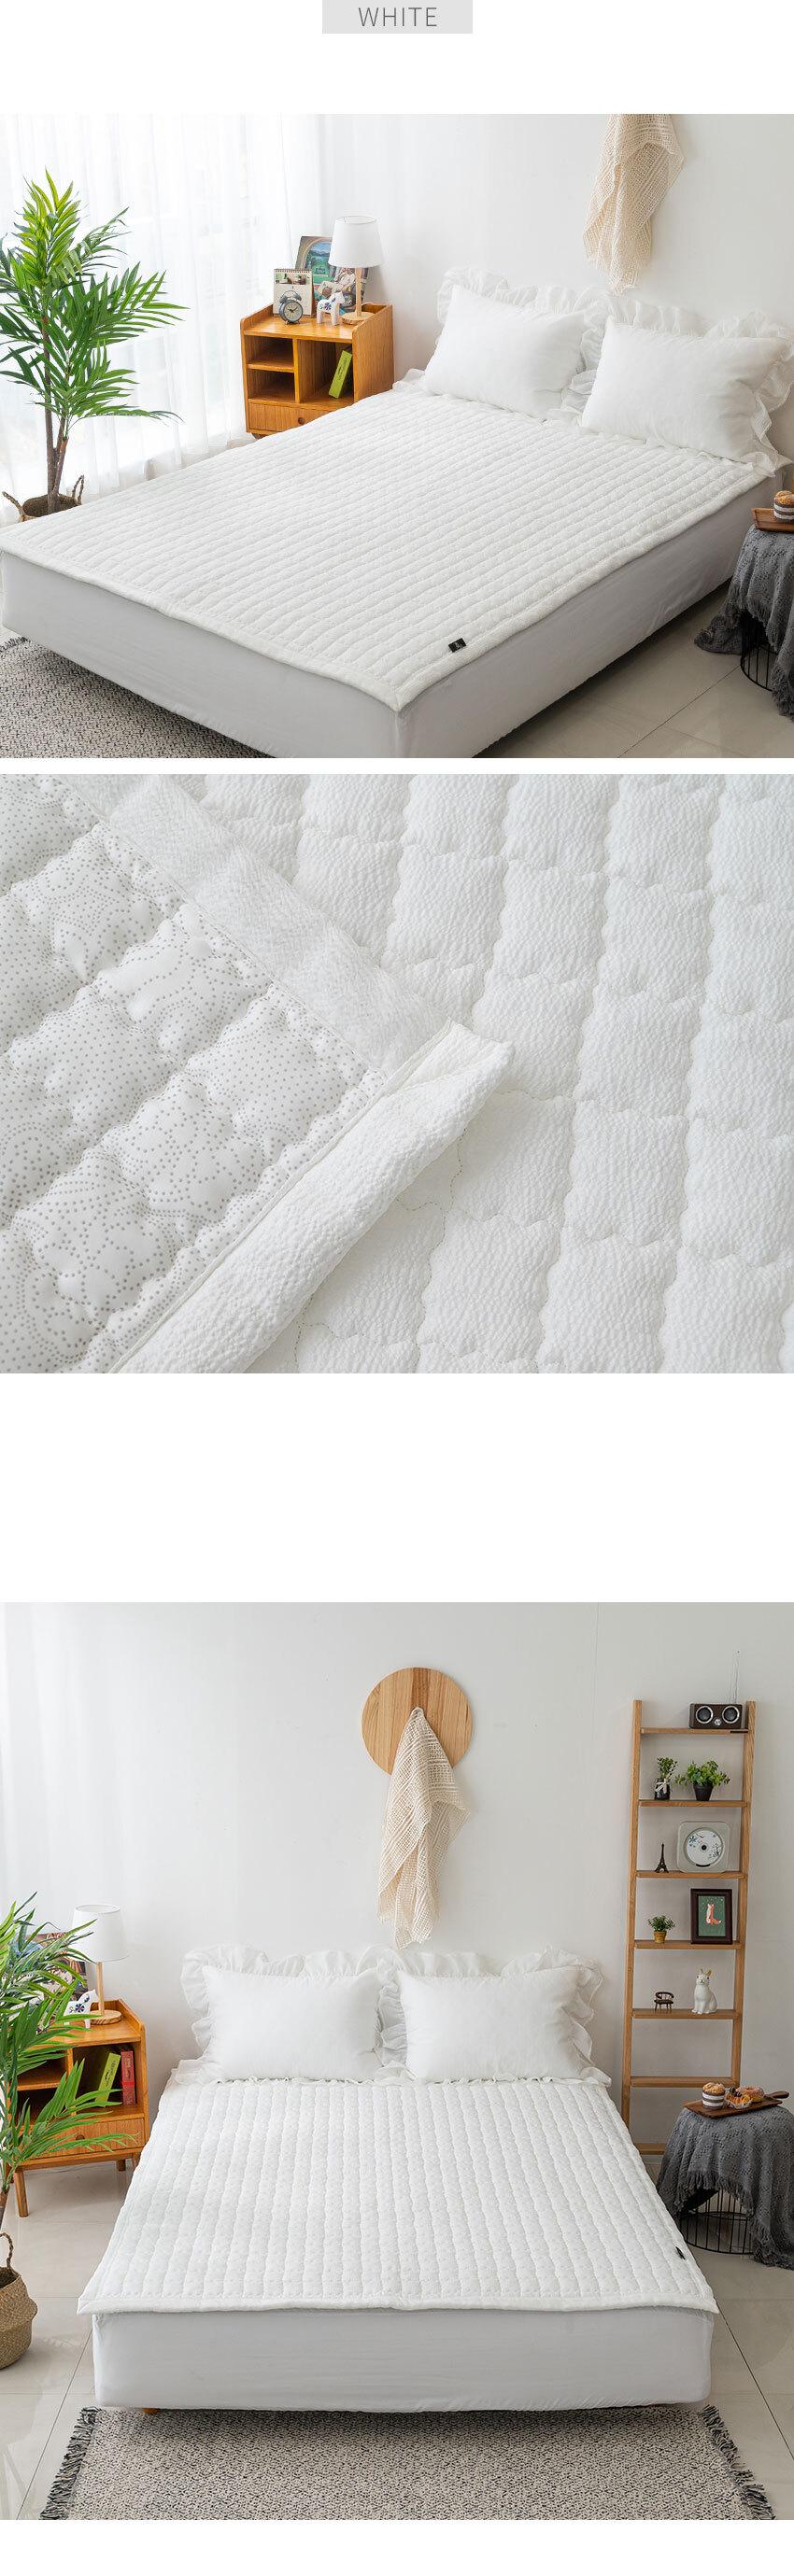 bohen_carpet_white.jpg